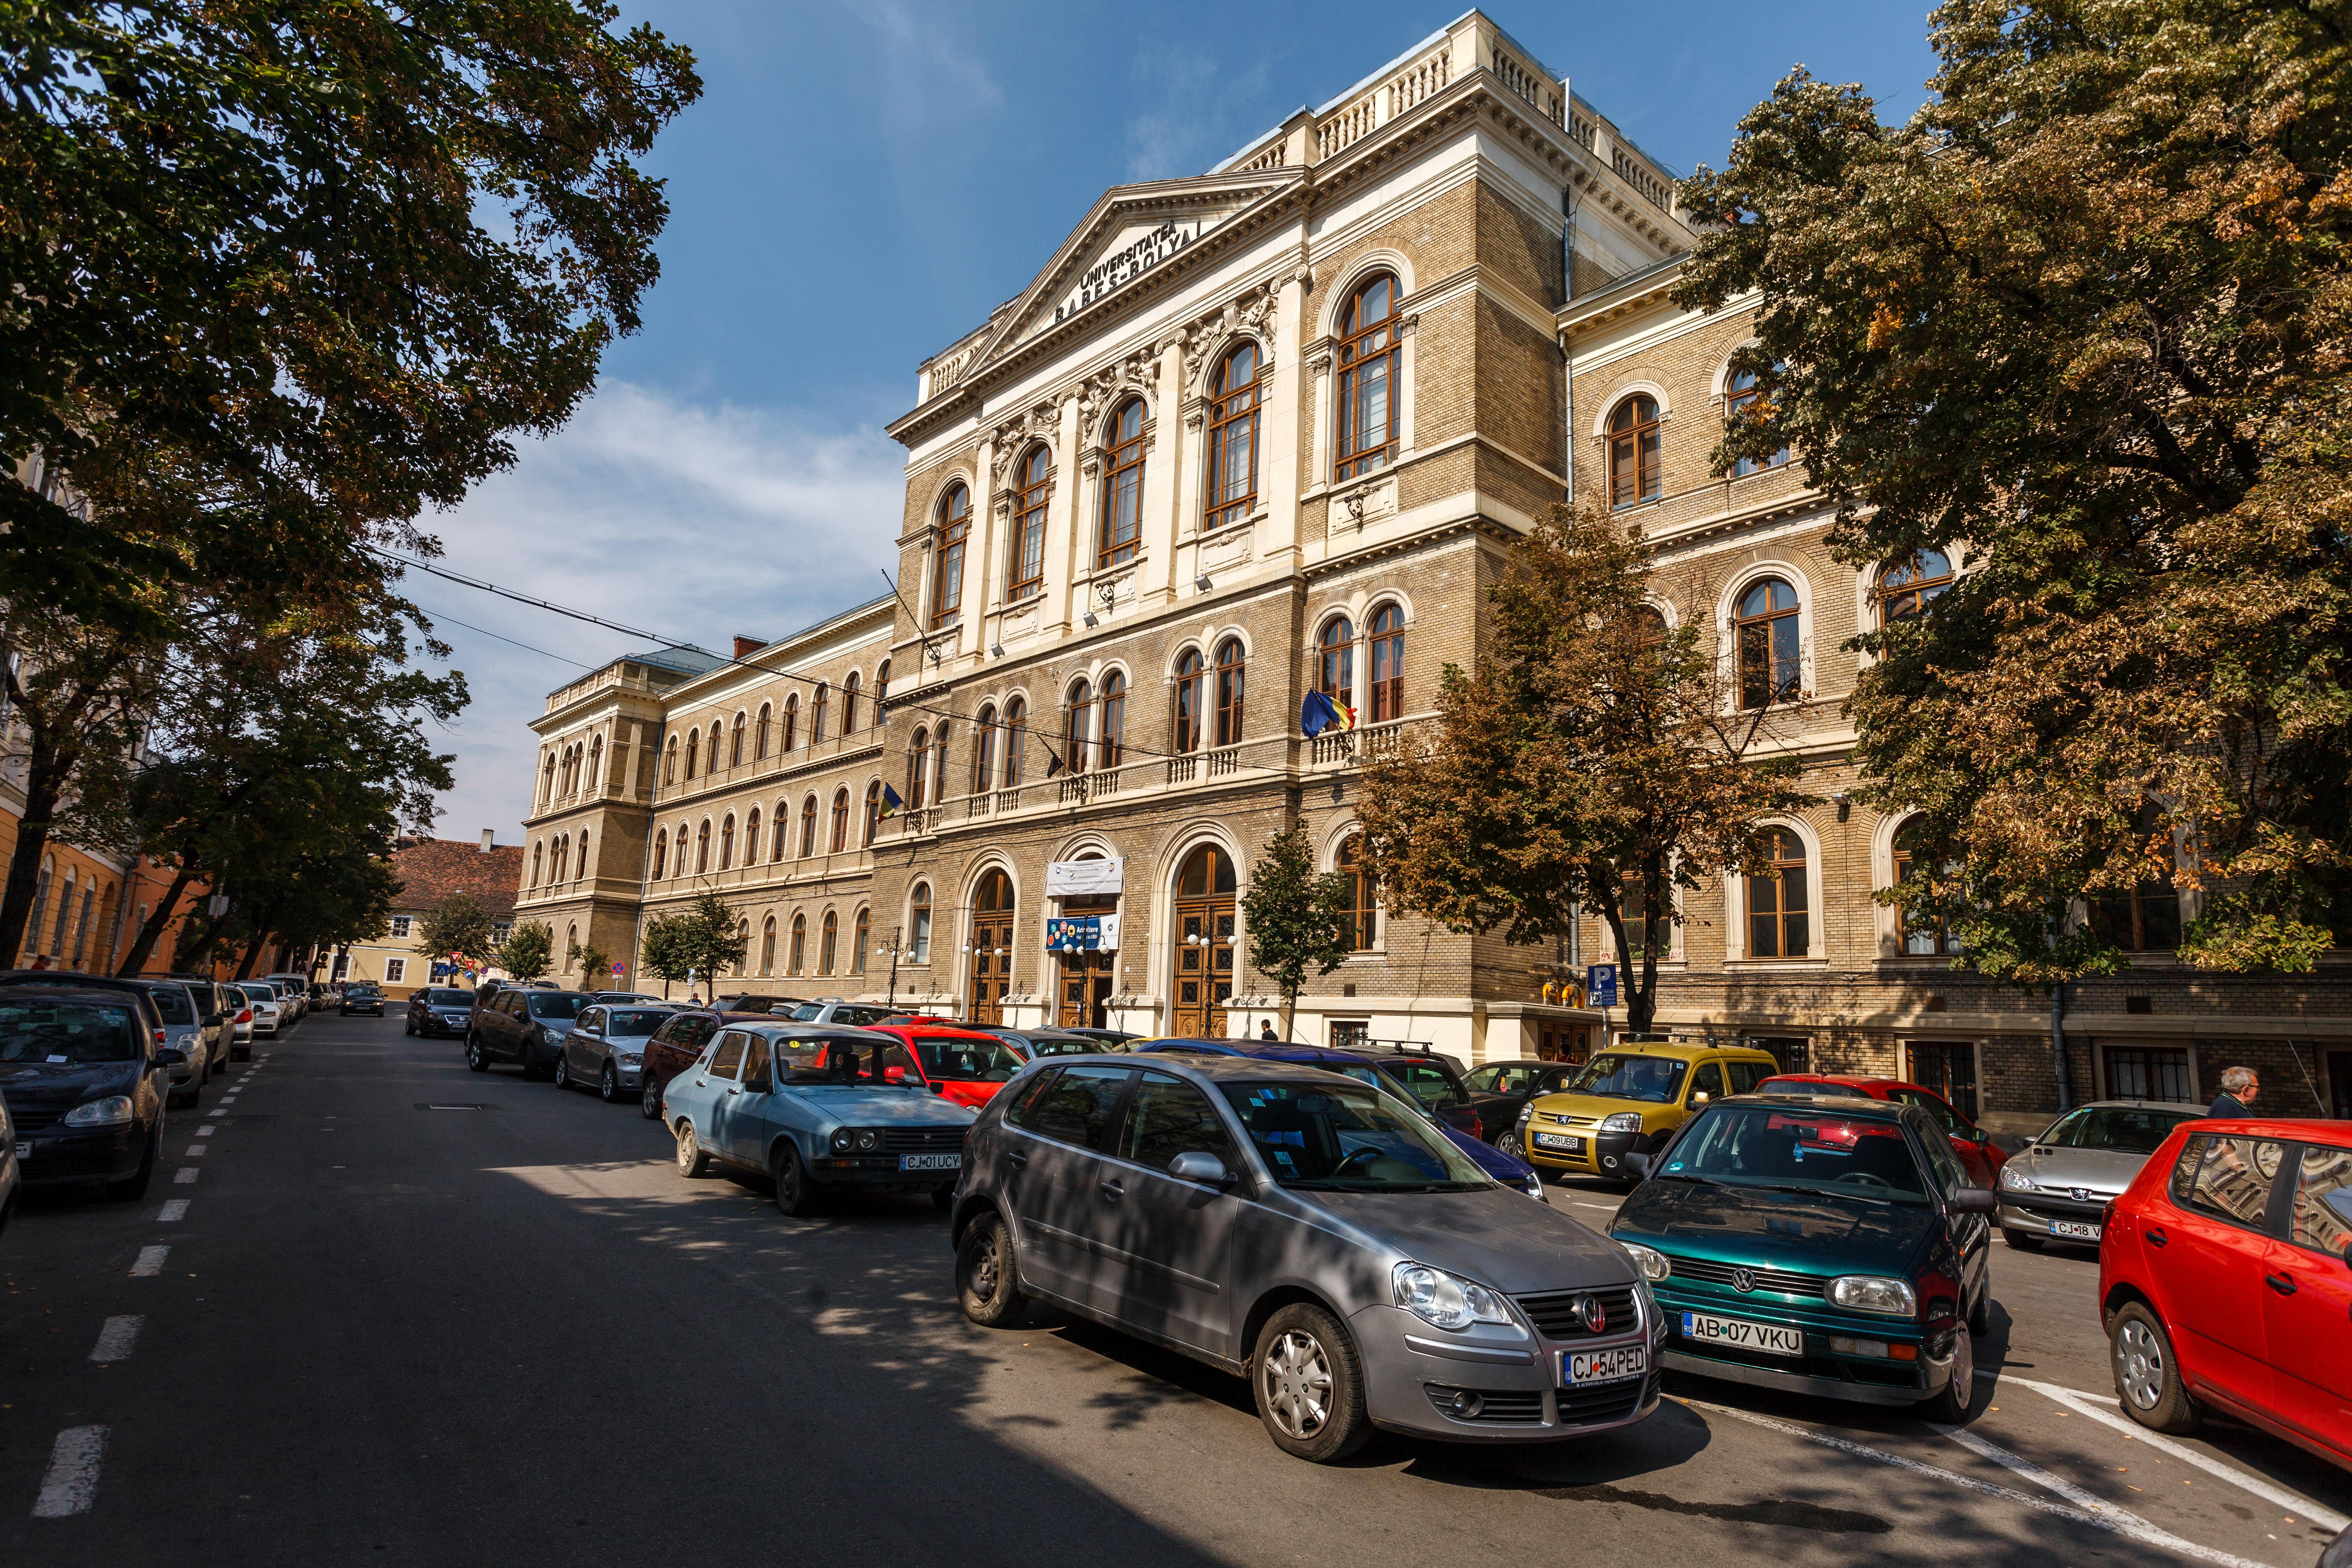 Tinerii bucureşteni preferă facultăţile din Cluj: În Cluj nu pierzi două ore pe zi în trafic, oamenii sunt mai politicoşi, iar autorităţile au grijă şi de studenţi, nu doar de pensionari